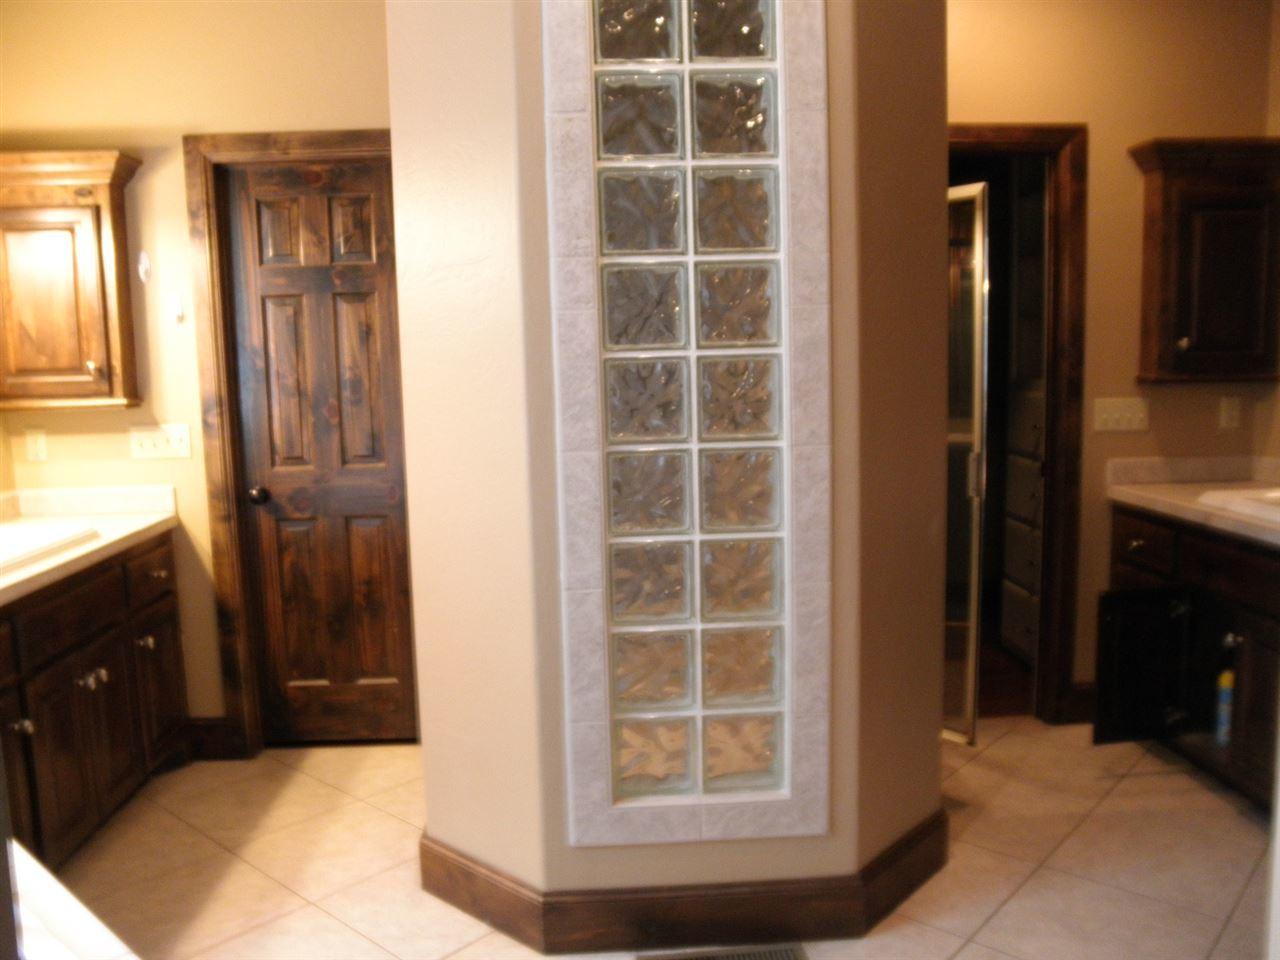 Sold Cross Sale W/ MLS | 2705 Mockingbird  Ponca City, OK 74604 26